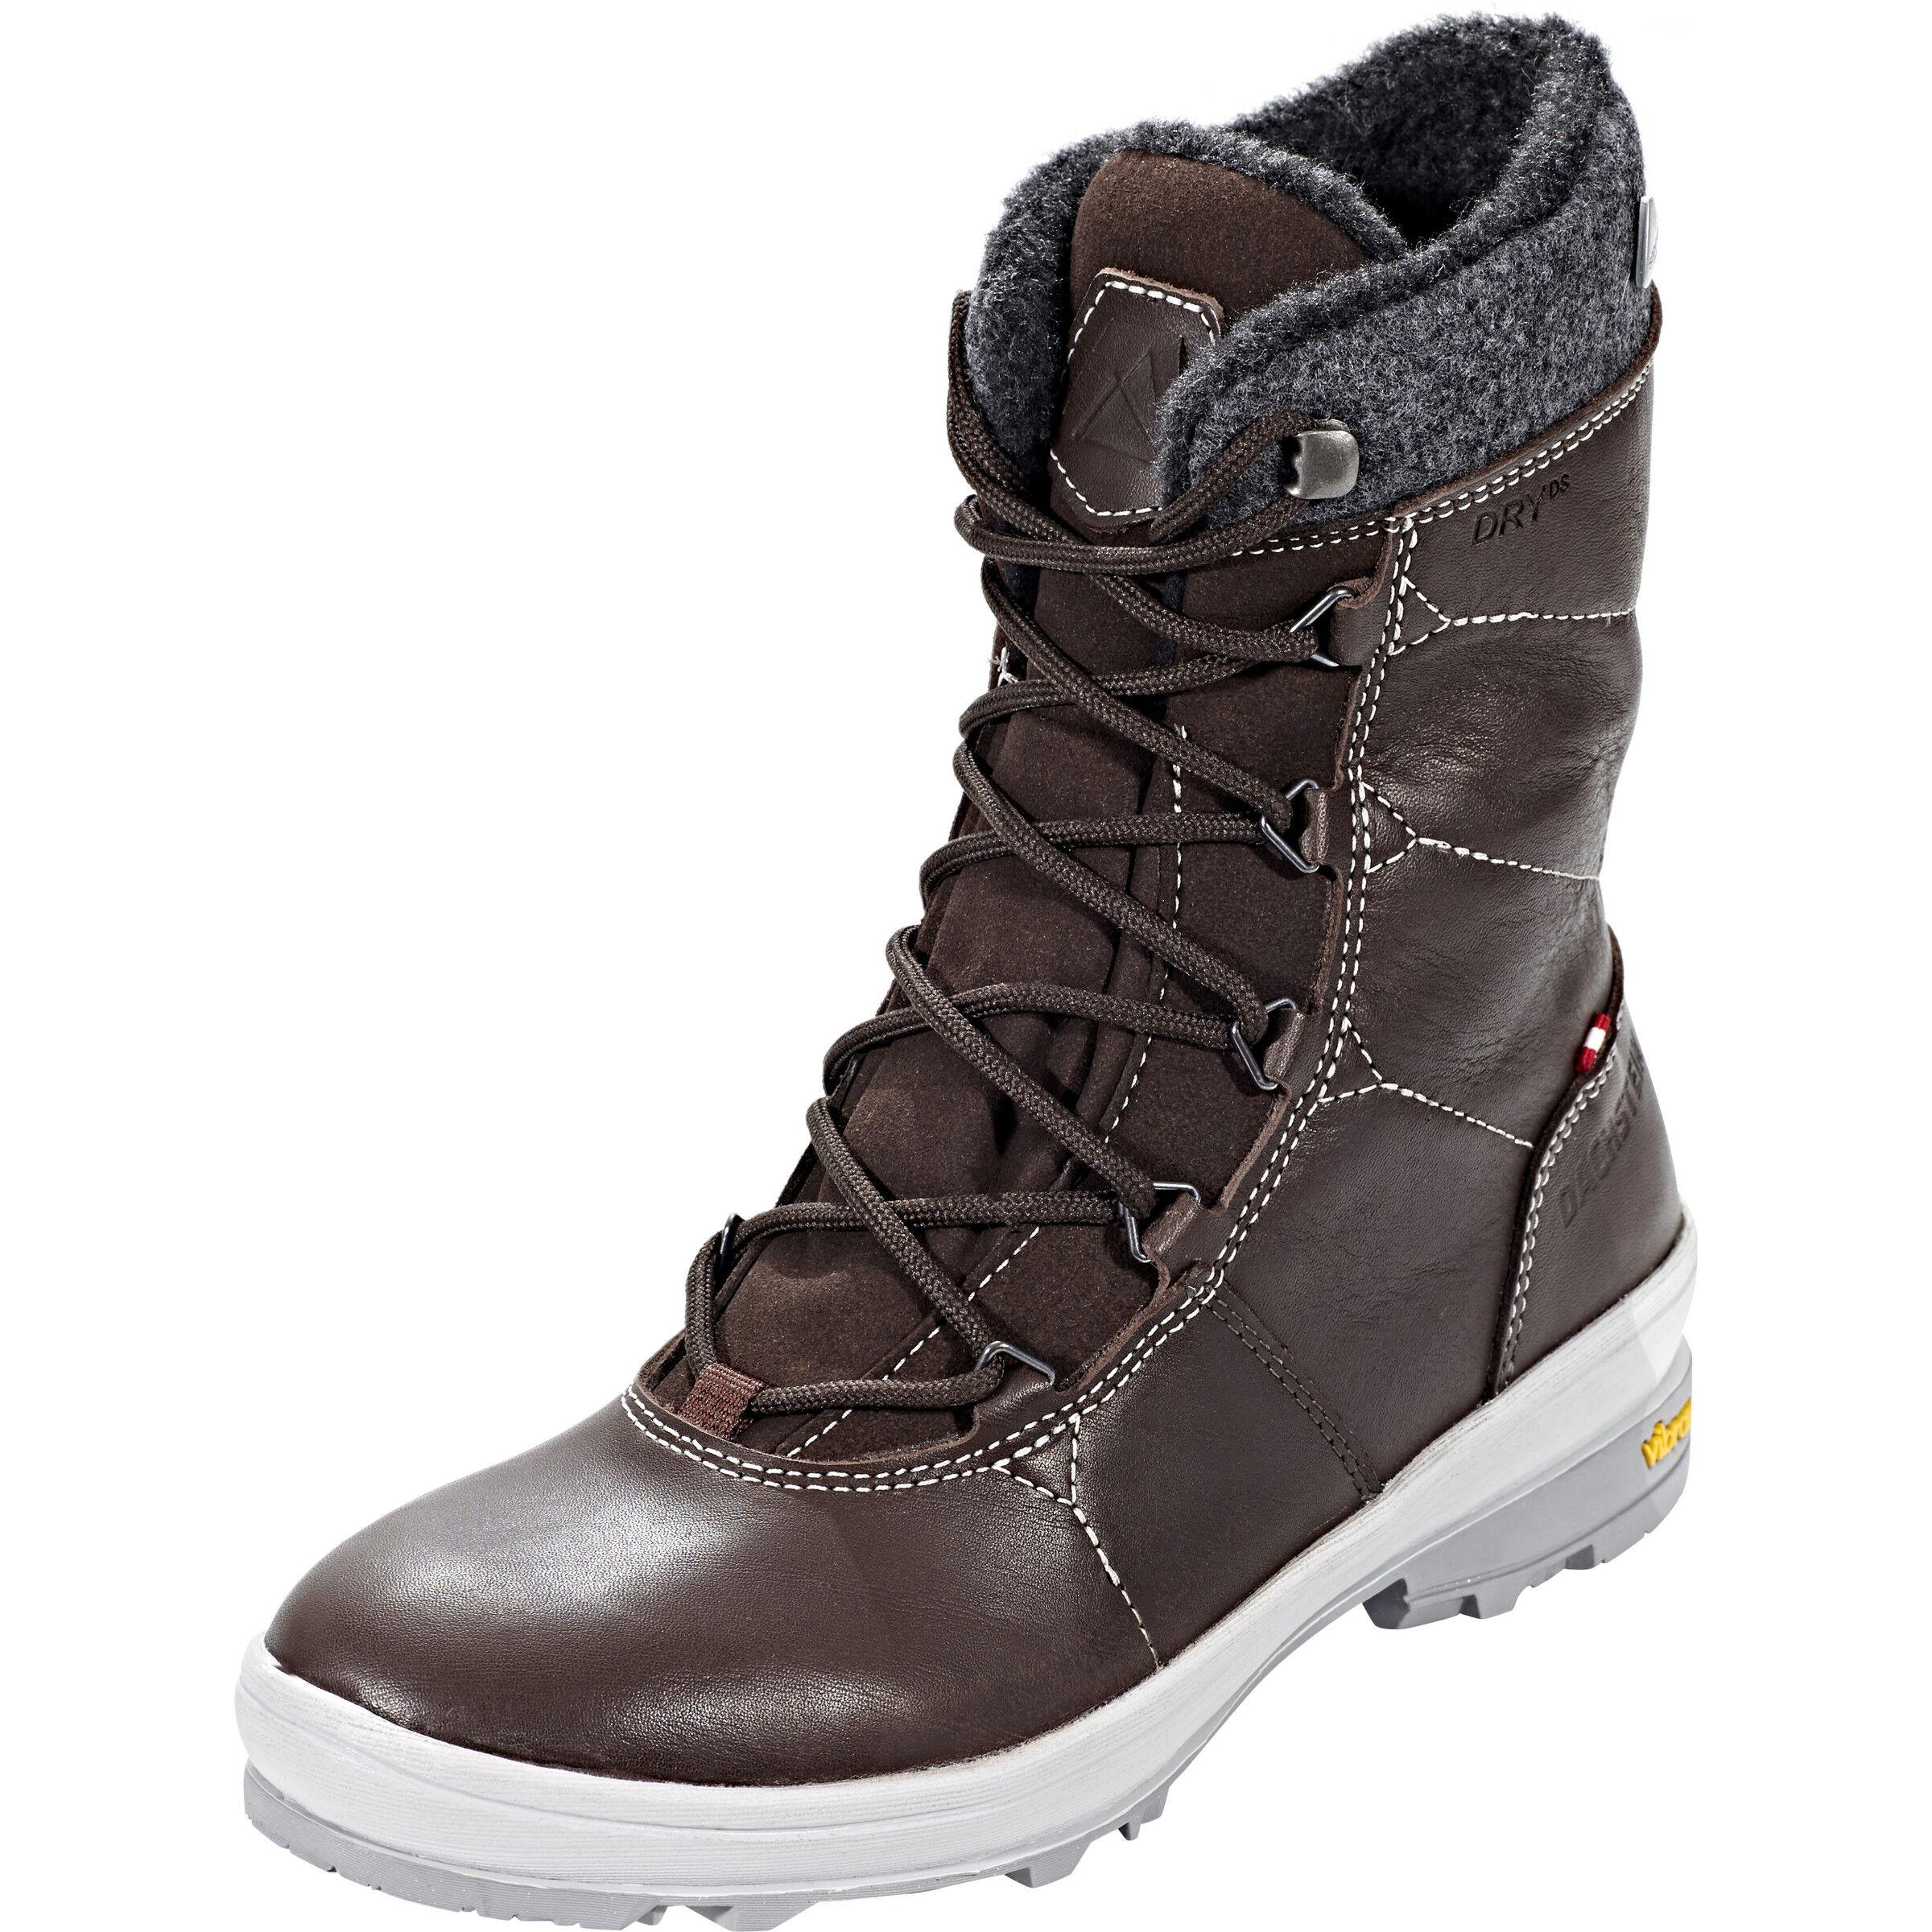 Dachstein Browngrey Lotte Shoes Dark Damen IYv7yb6fg